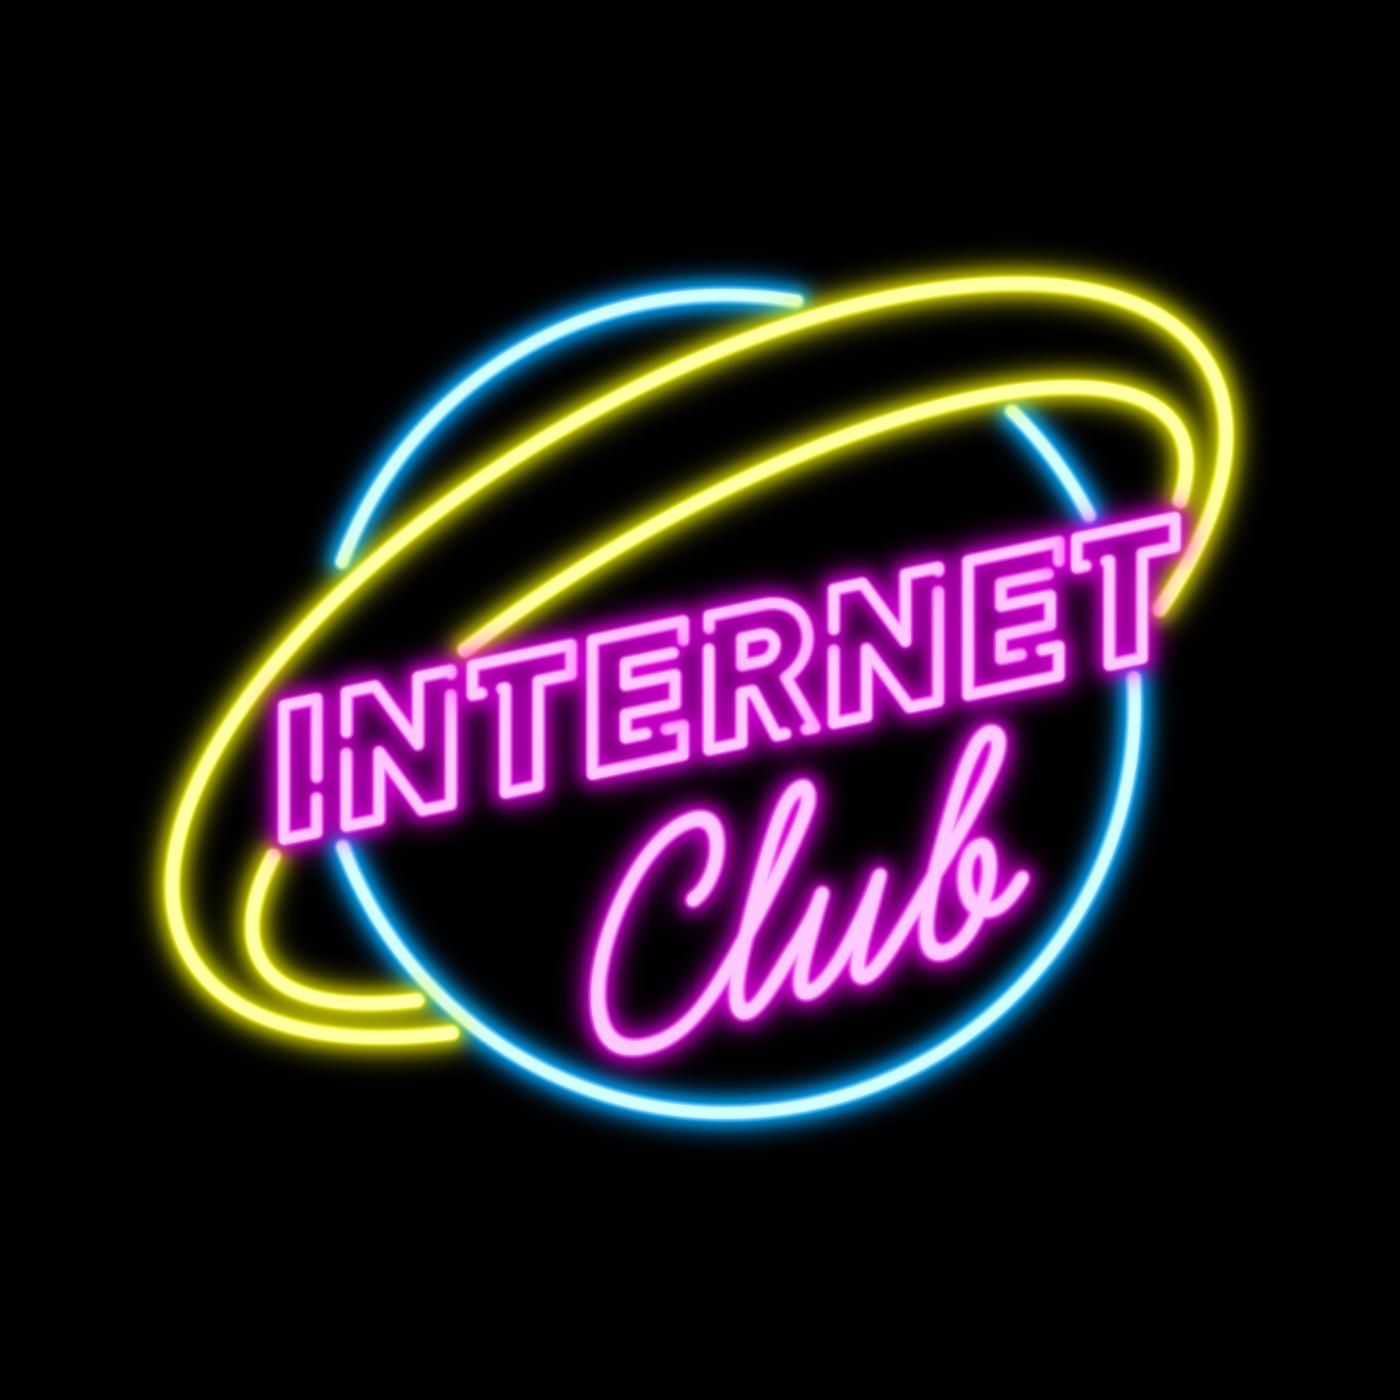 インターネットクラブ